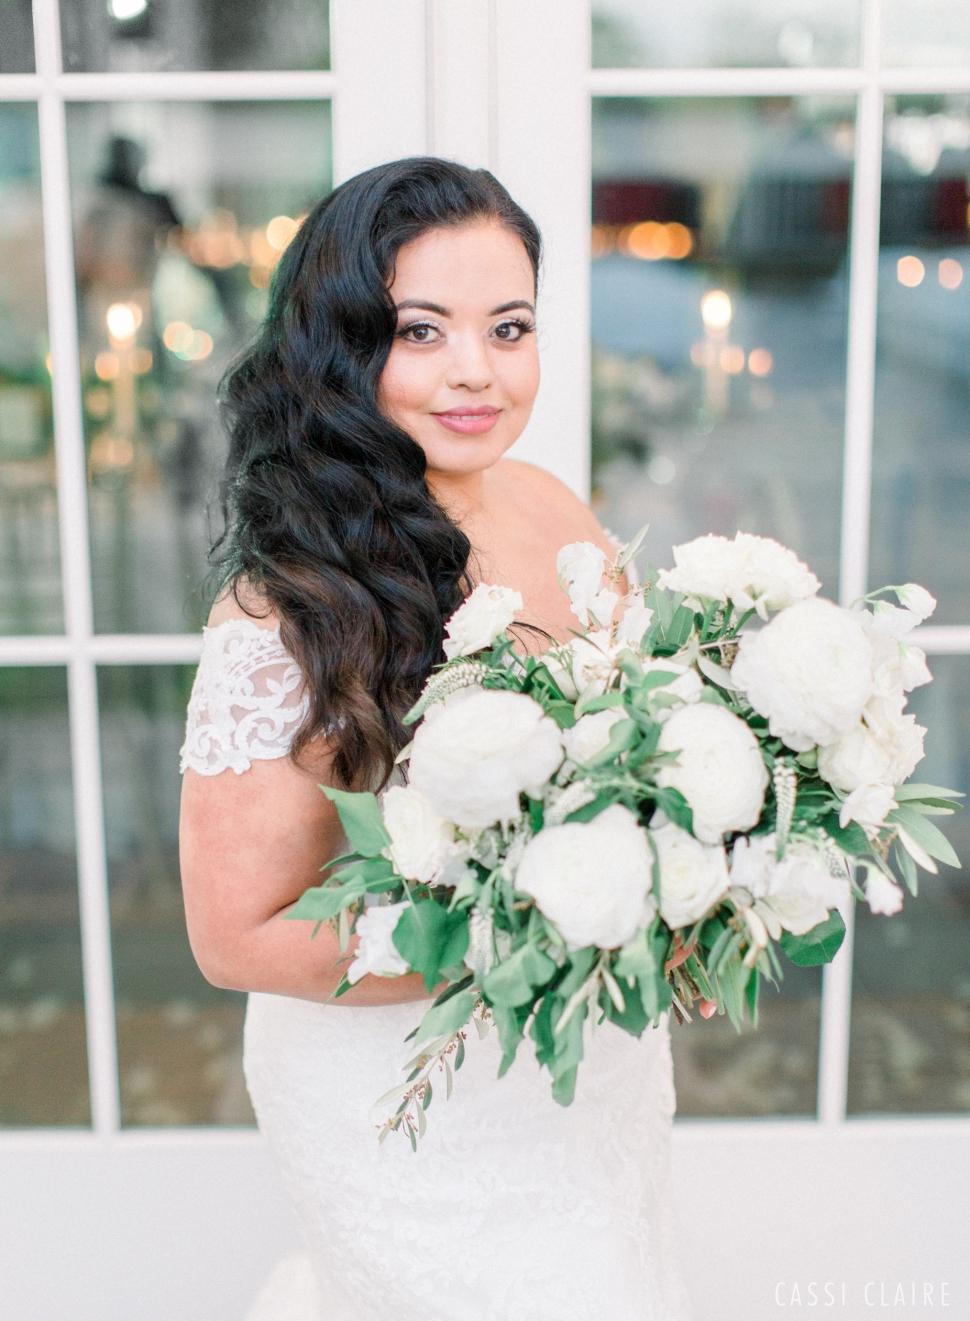 Ryland-Inn-Wedding-NJ_CassiClaire_27.jpg